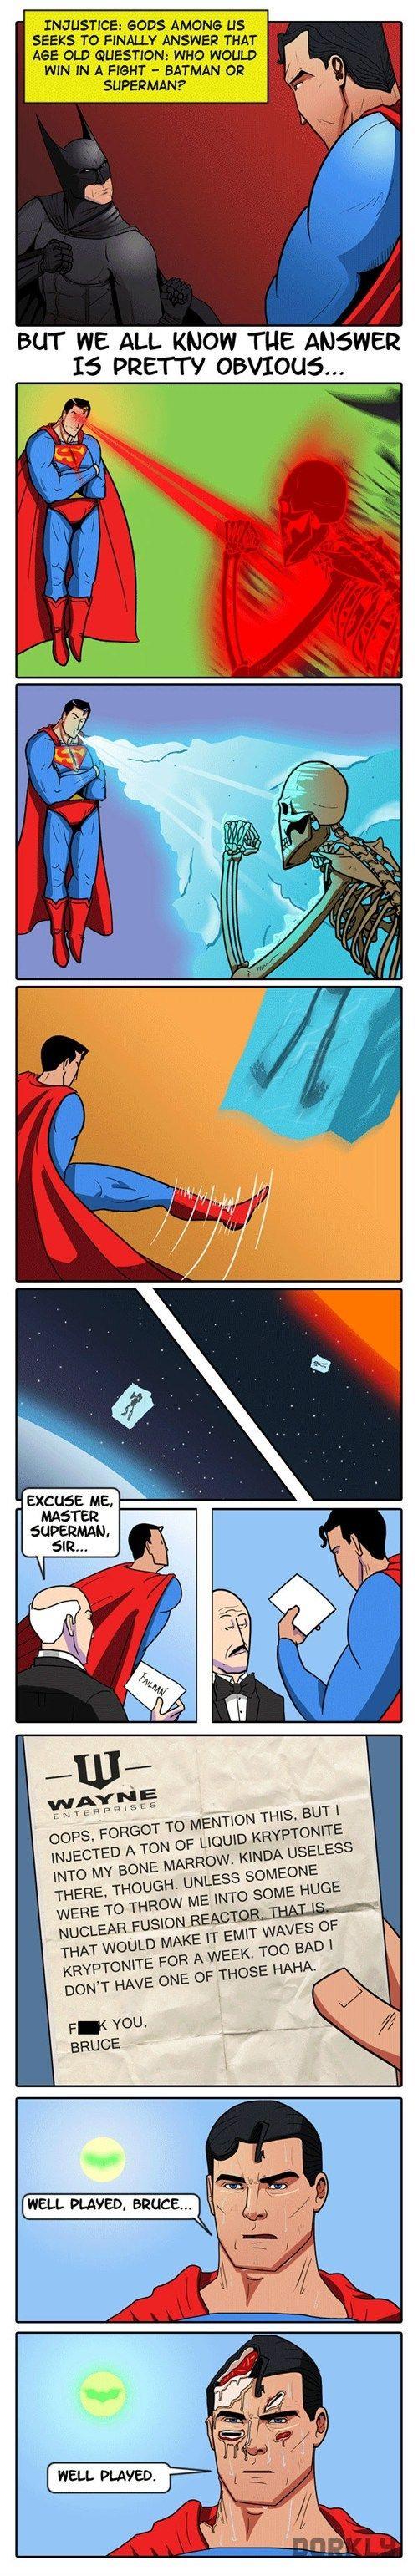 Batman vs. Superman... Again.